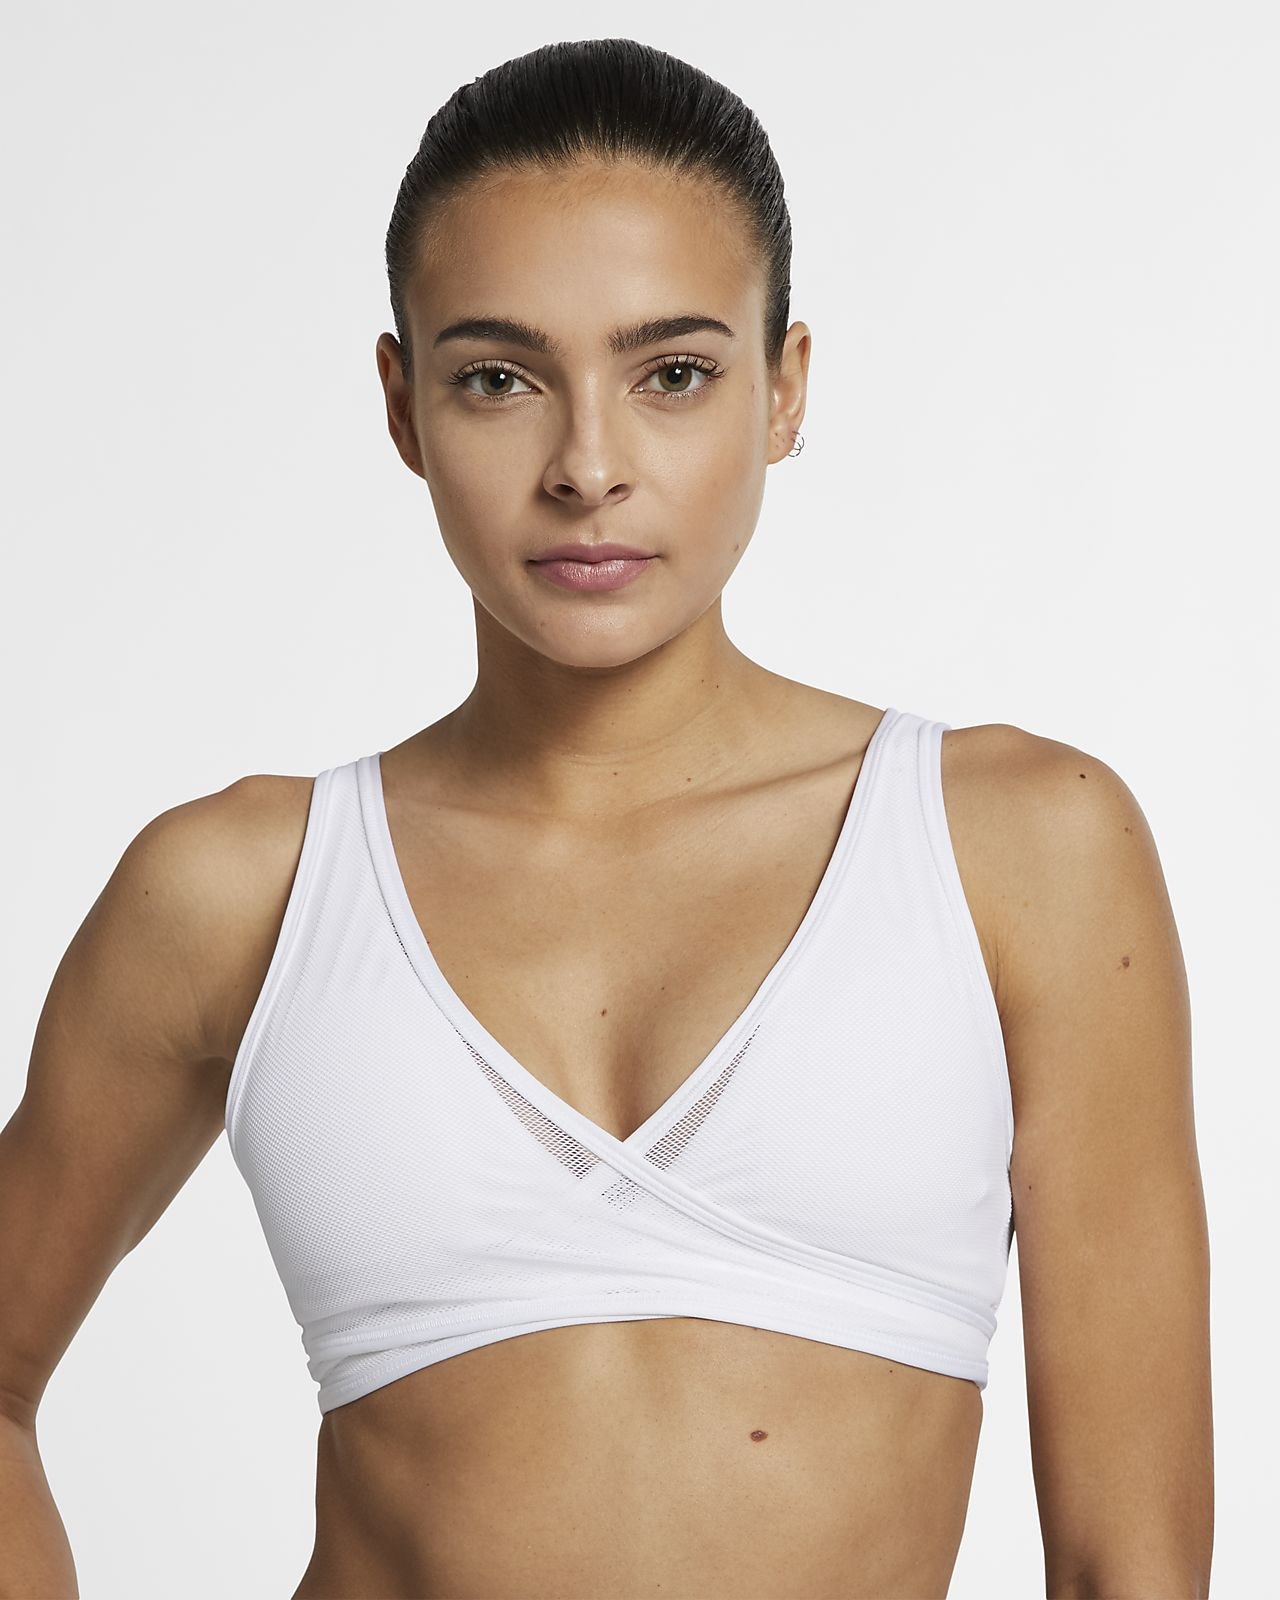 Nike Air enyhe tartást adó, hálós női sportmelltartó